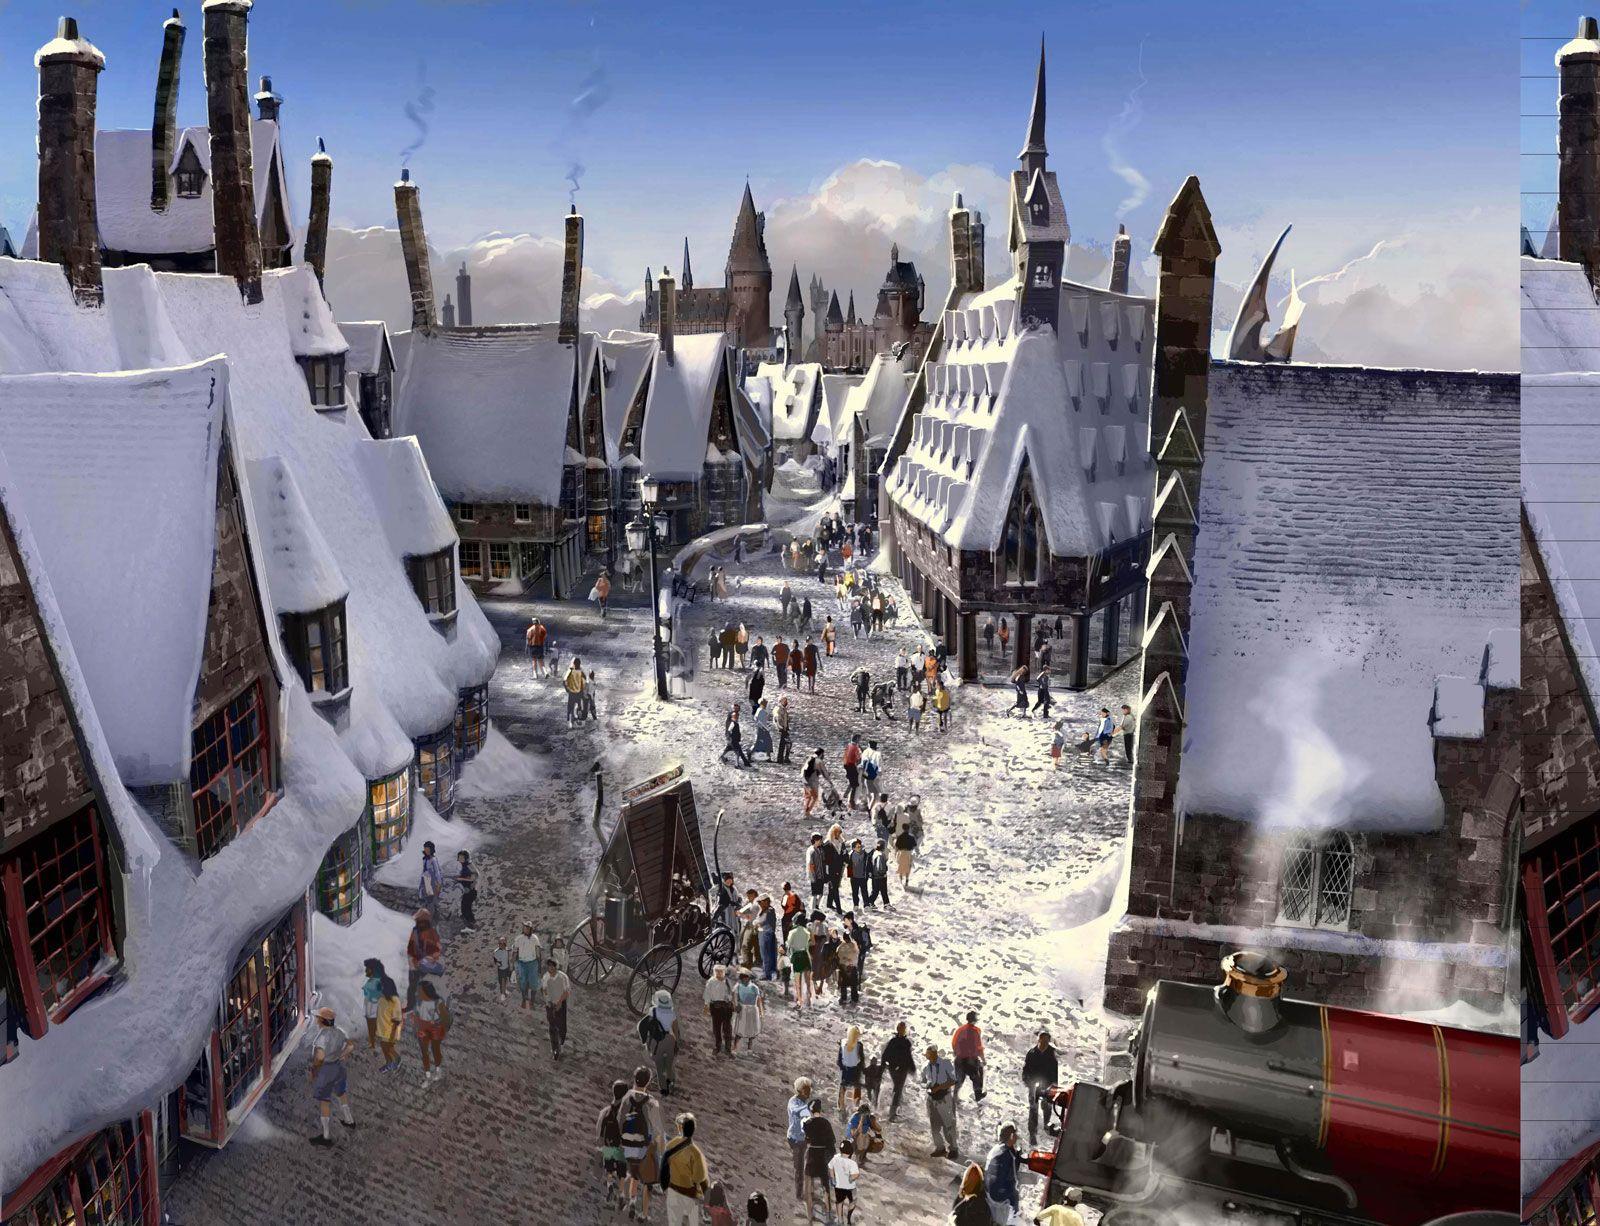 Harry Potter World 2 Harry Potter Theme Park Harry Potter Orlando Harry Potter Universal Studios